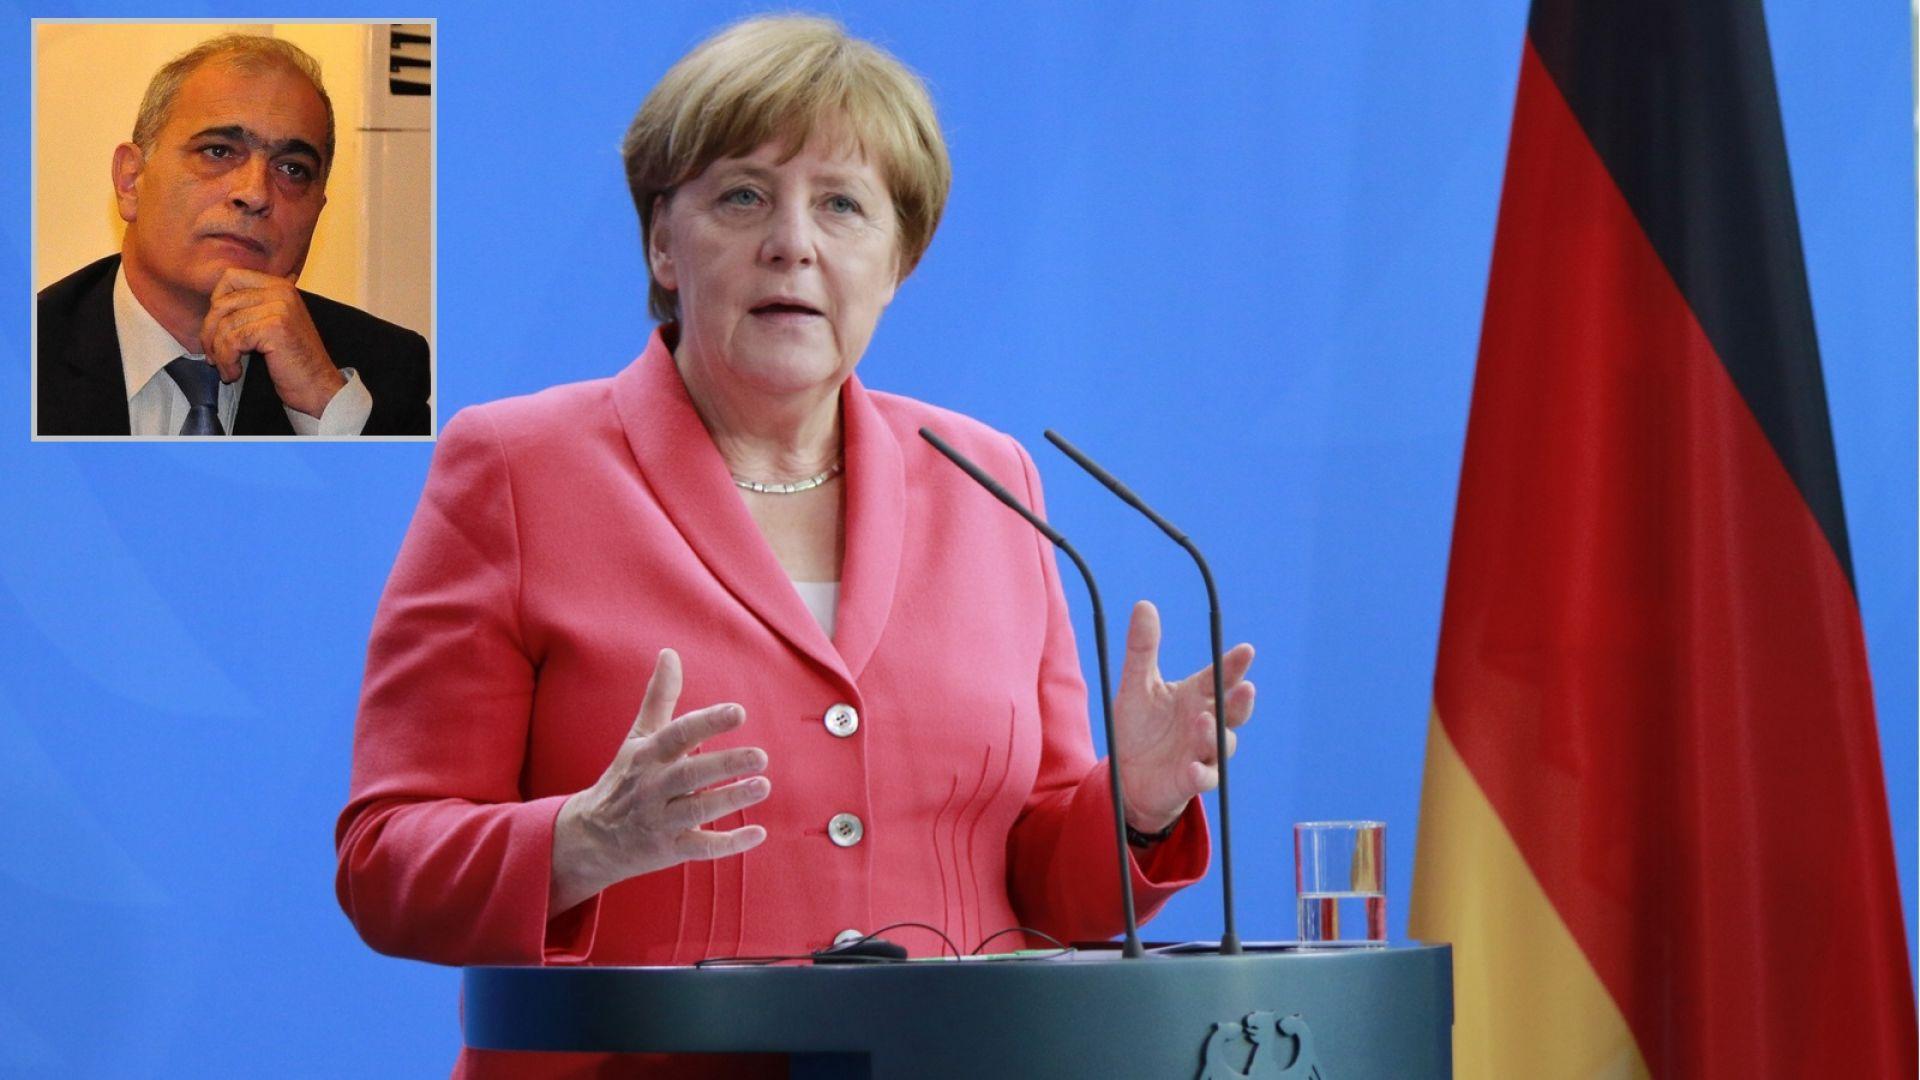 Оттегля ли се Меркел от голямата сцена? Симеон Василев пред Dir.bg